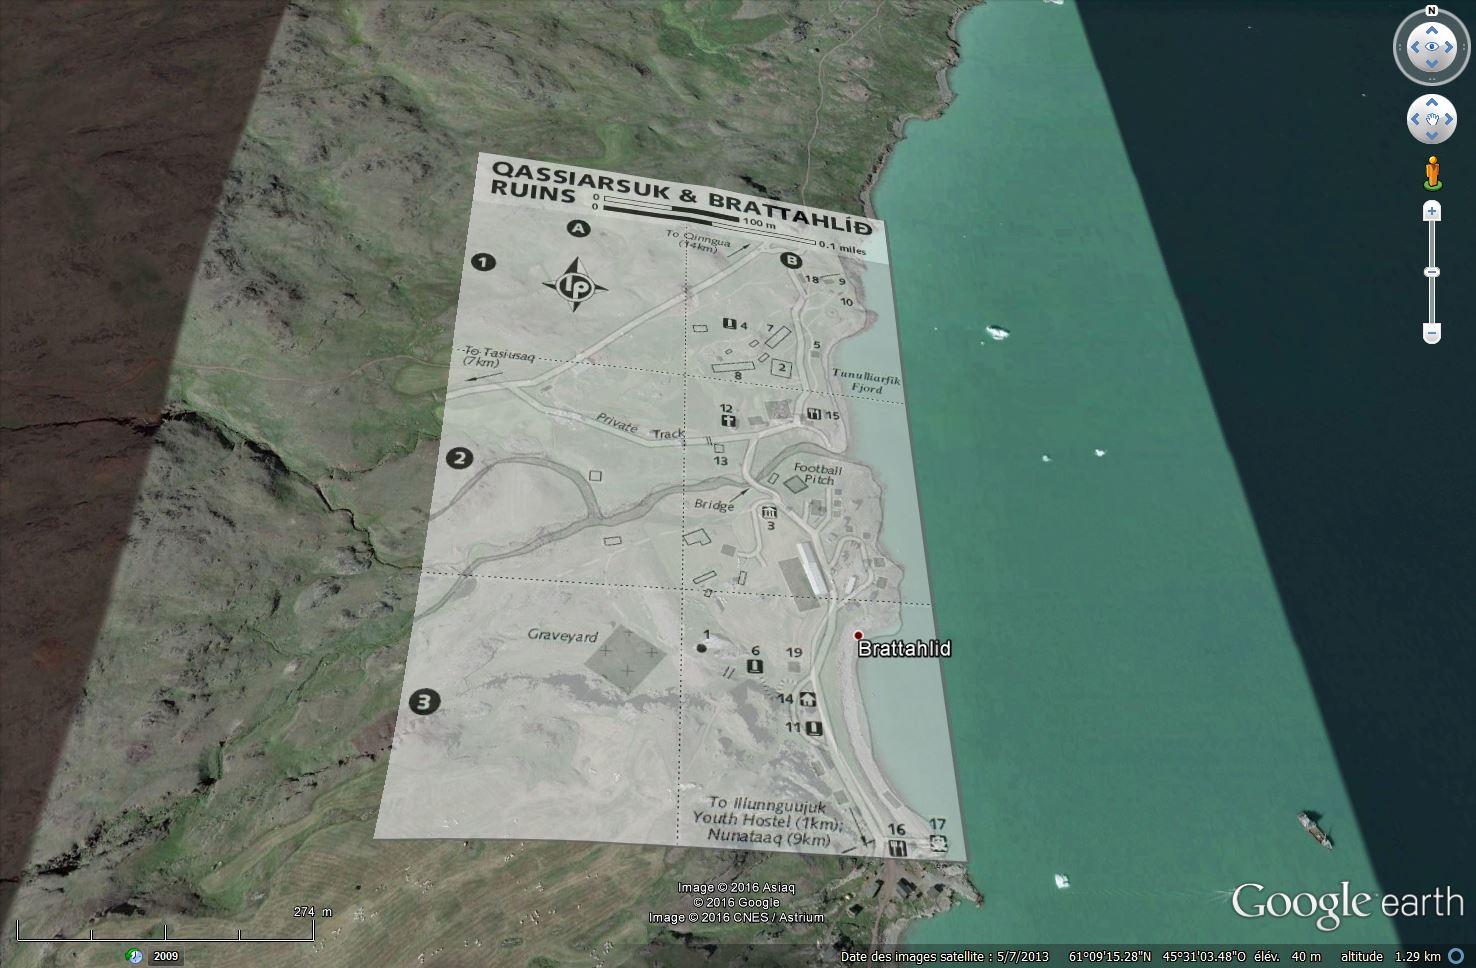 Traversée d'Qassiarsuk vers Narsarsuaq, Kujalleq au Groenland. Tsge_067